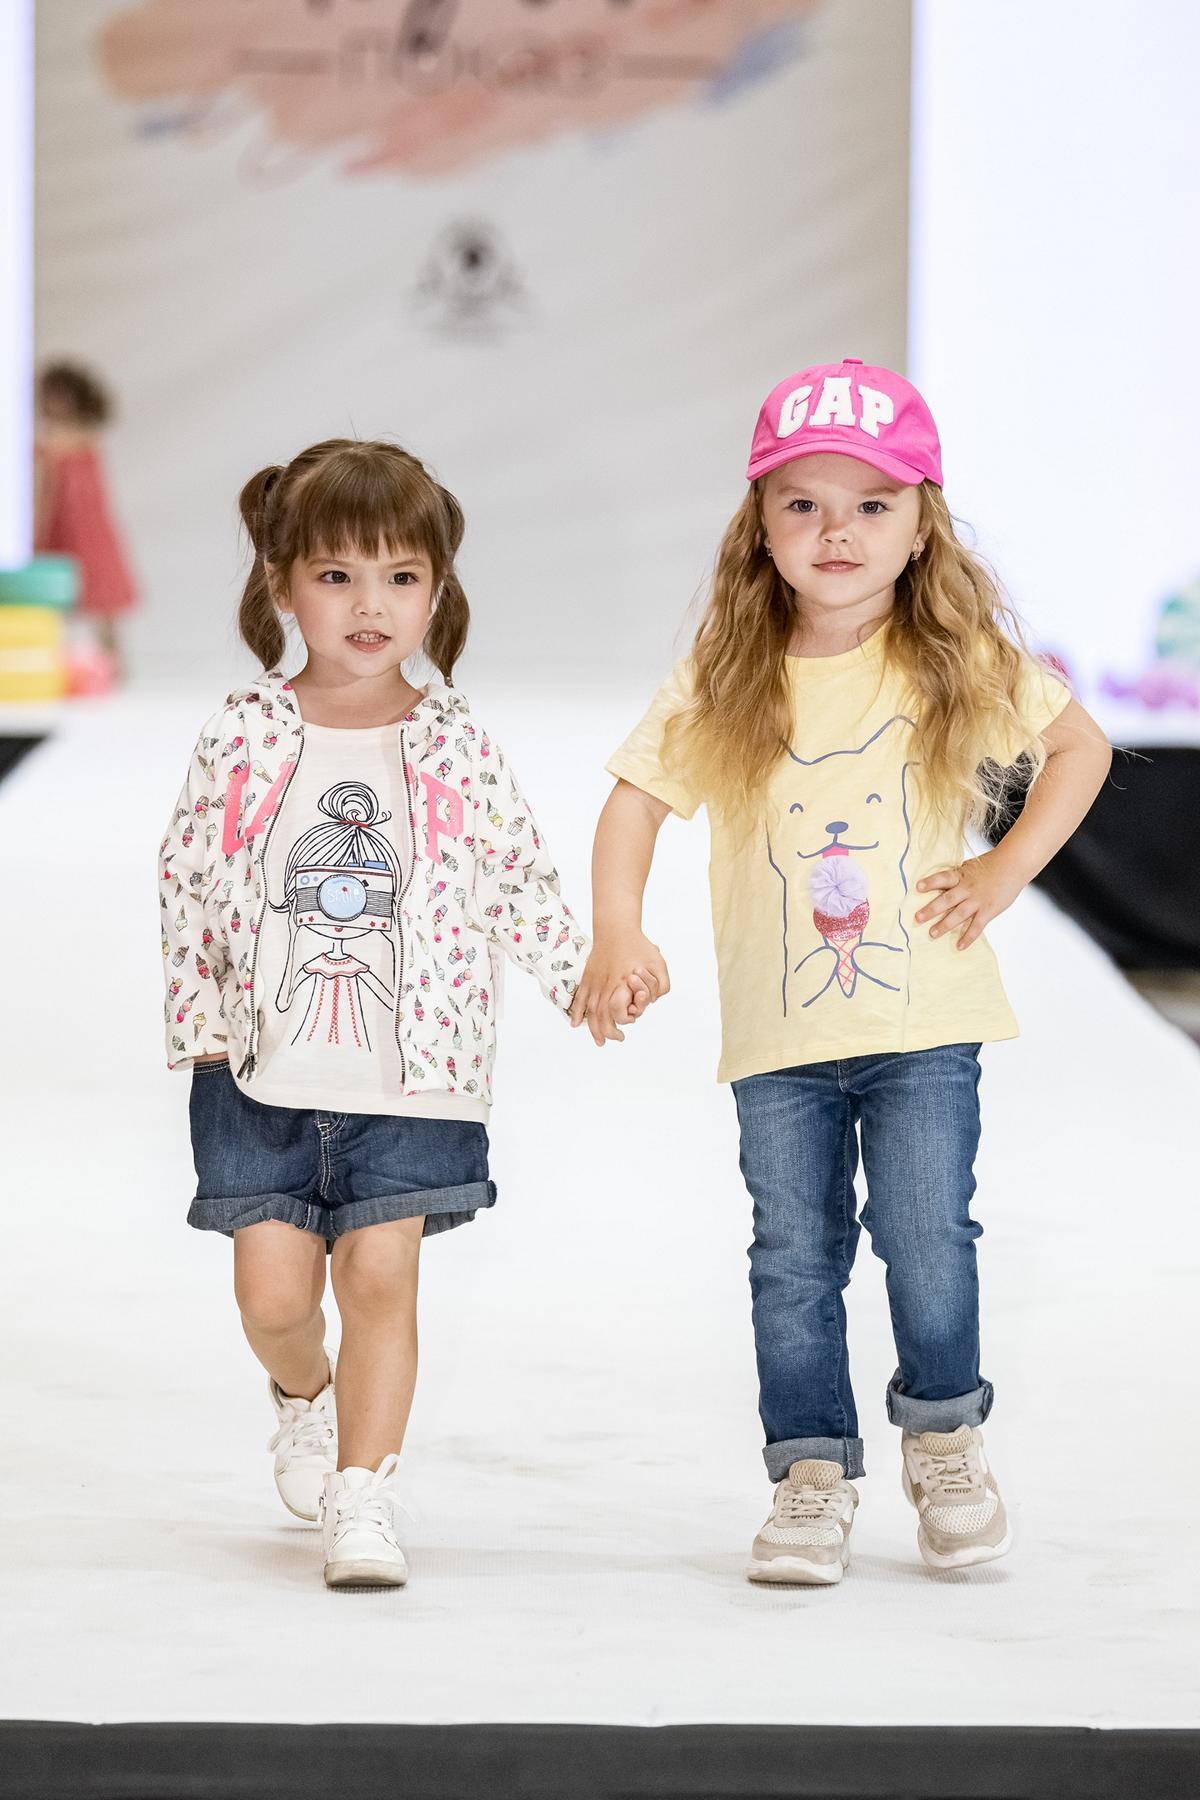 детская неделя моды KIDS FASHION WEEK, подиум, модель, фотосессия, мода, занятия для детей, модная одежда, поза фото, ребенок, fashion